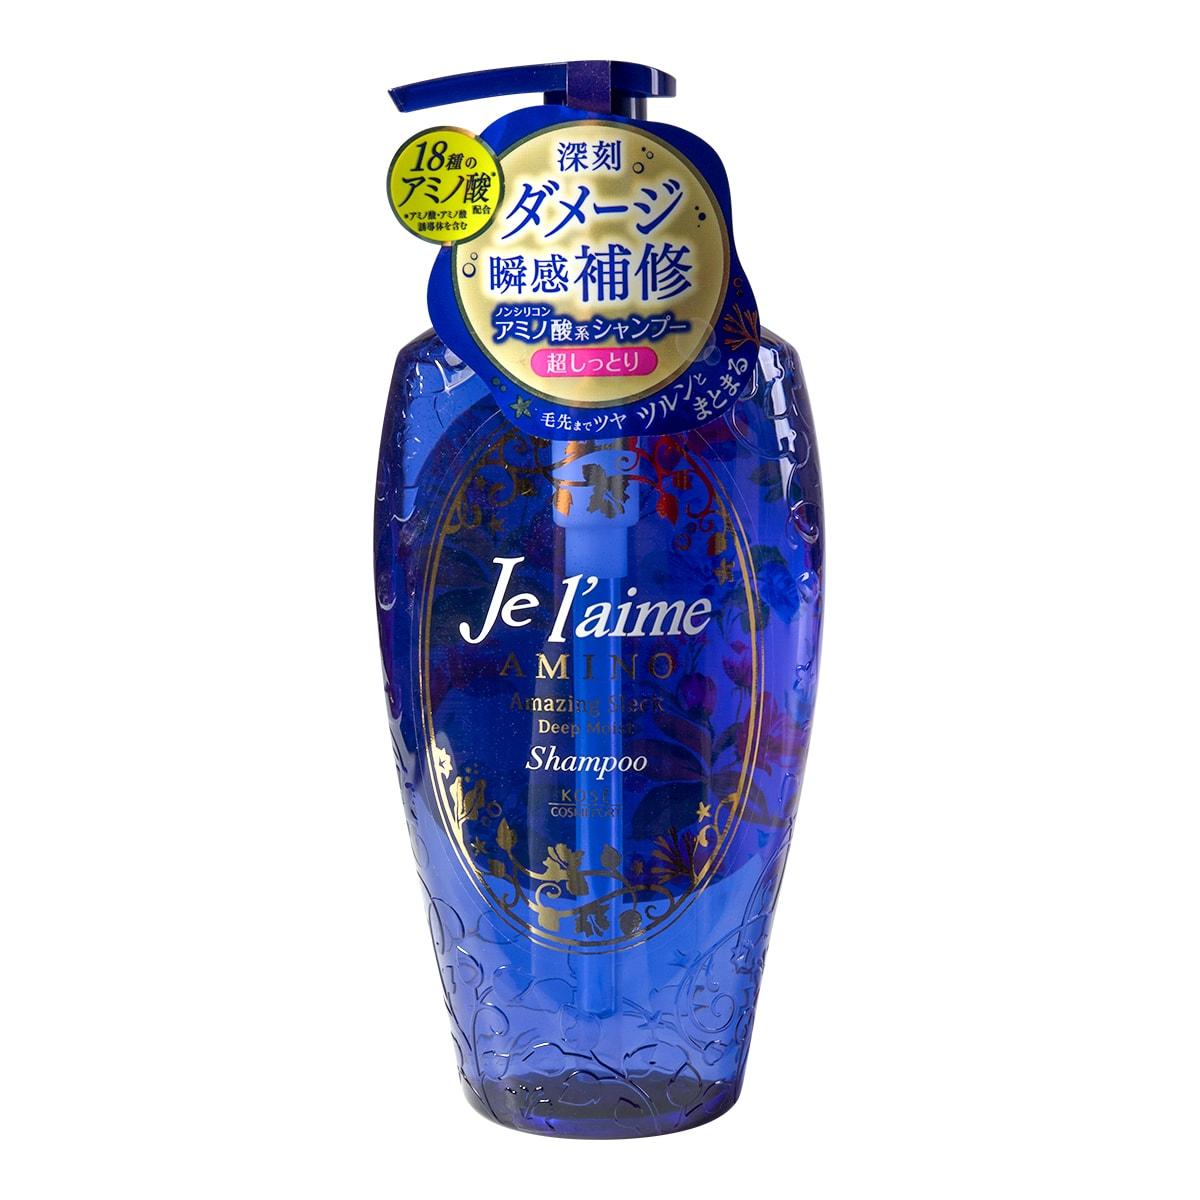 KOSE JE L'AIME Amino Amazing Sleek Deep Moist Shampoo 500ml